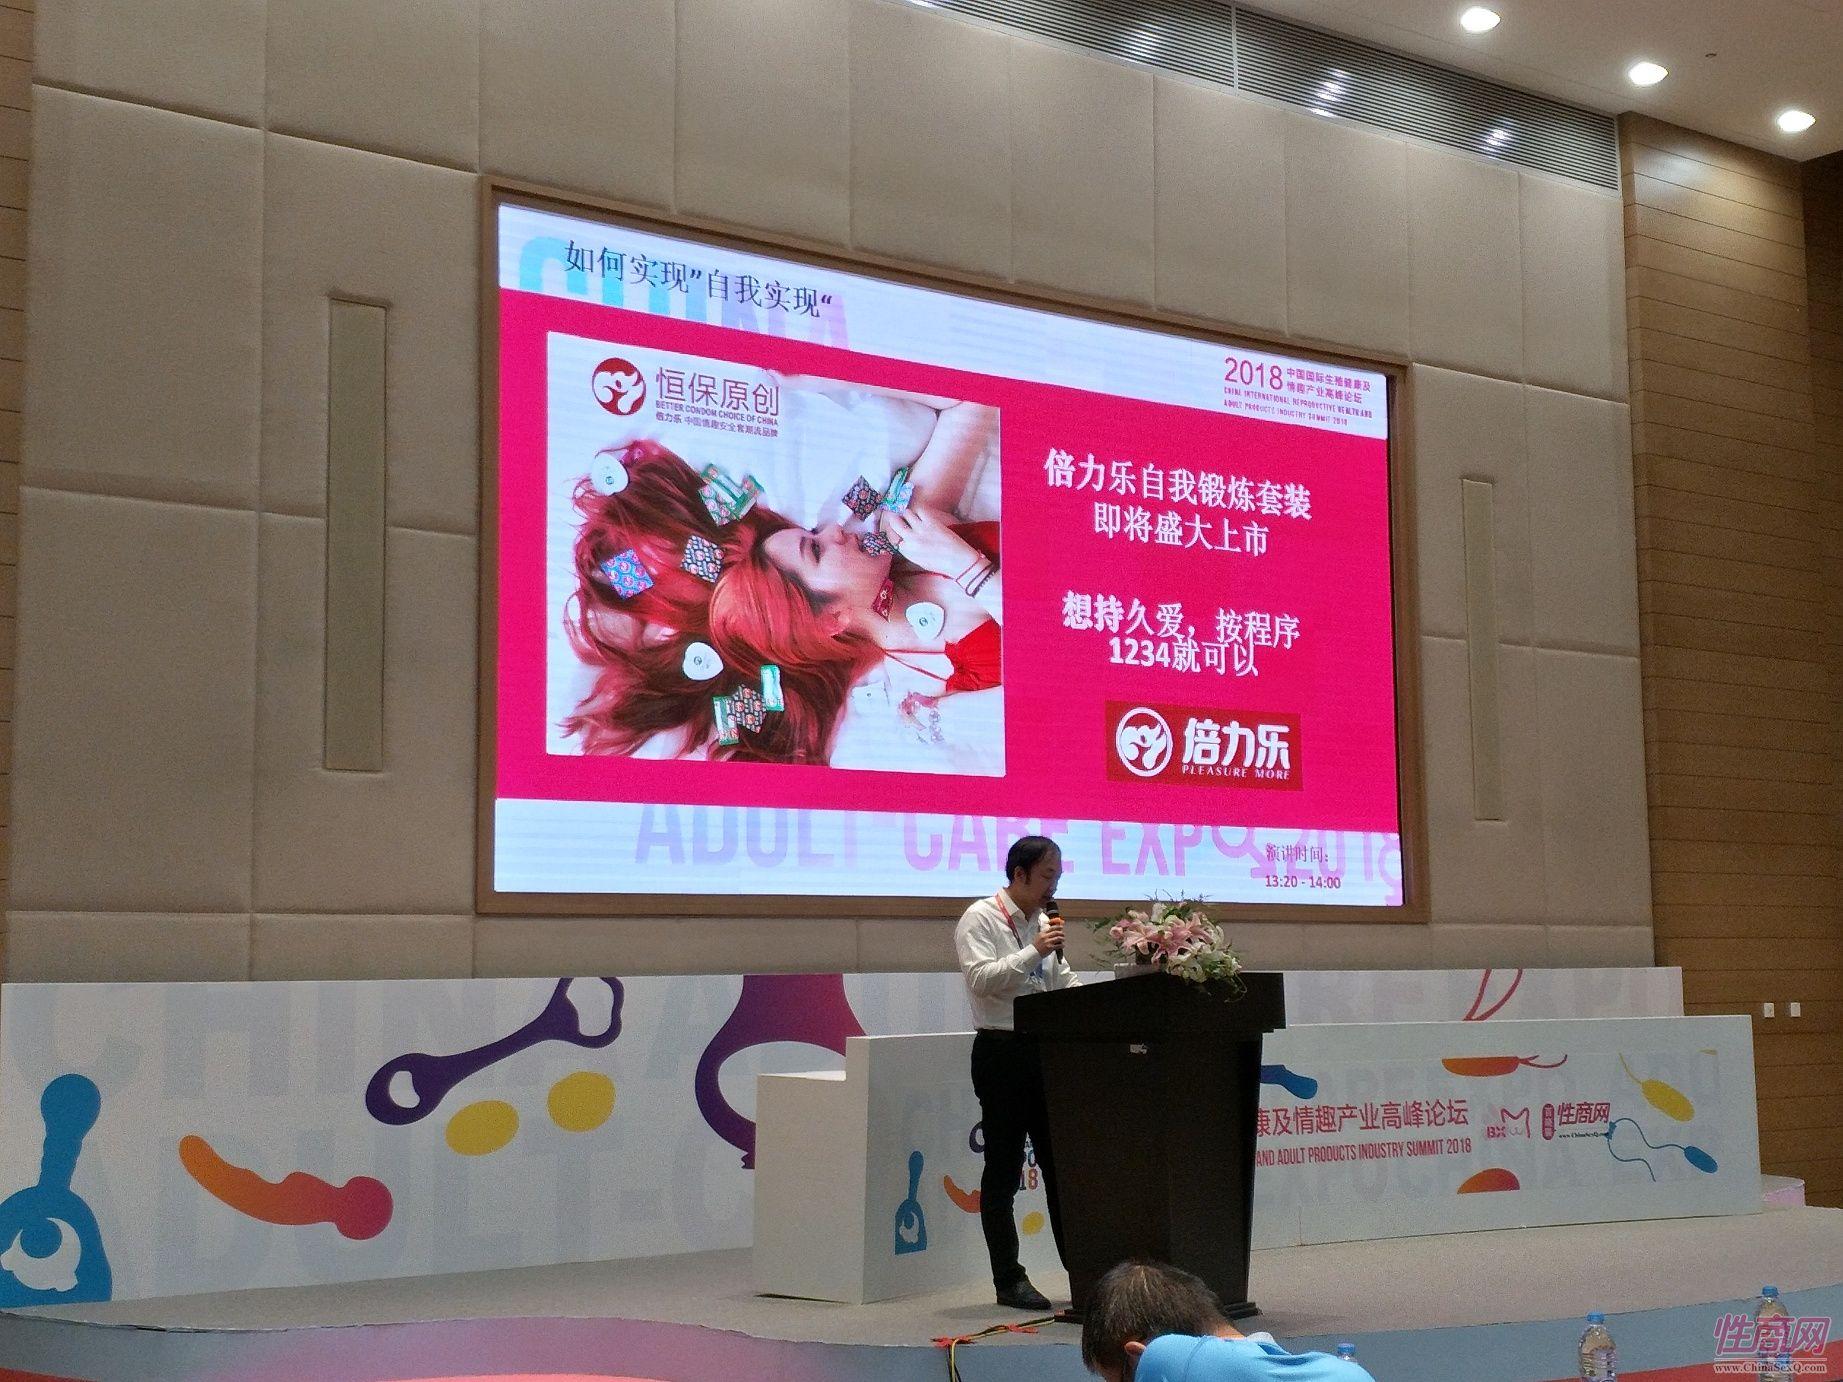 18上海成人展-高峰论坛 (49)